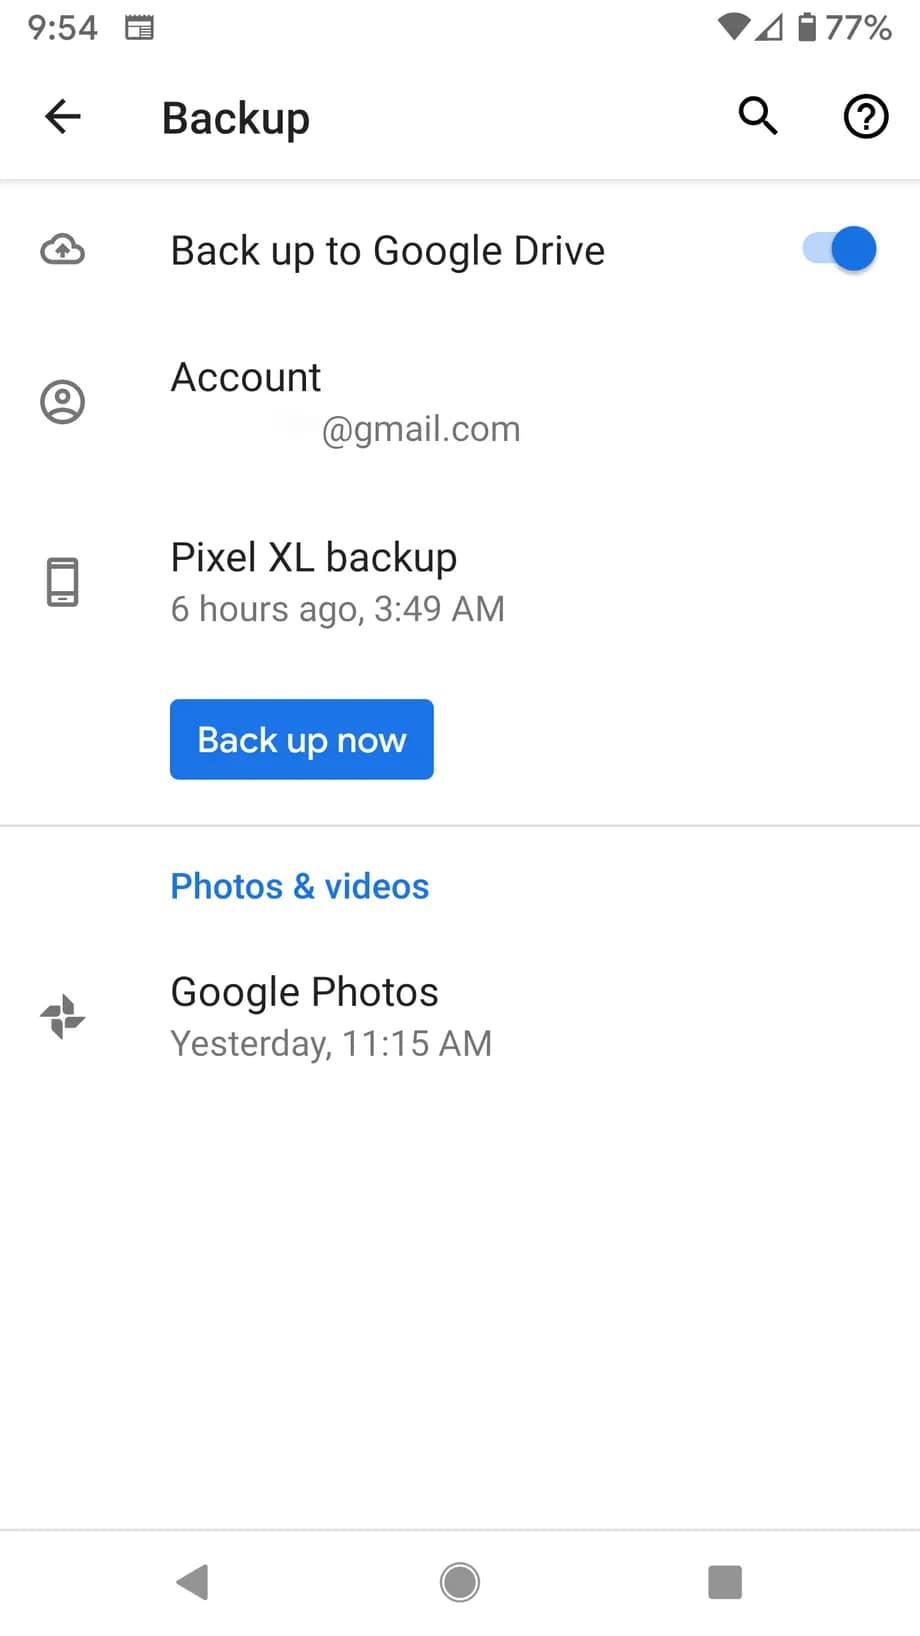 آموزش بکاپ با گوگل وان